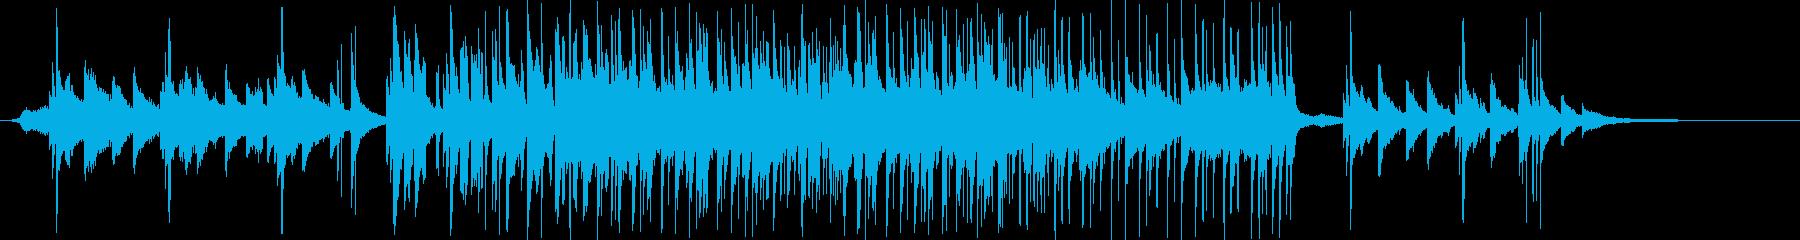 雰囲気の出ているバラードの曲の再生済みの波形